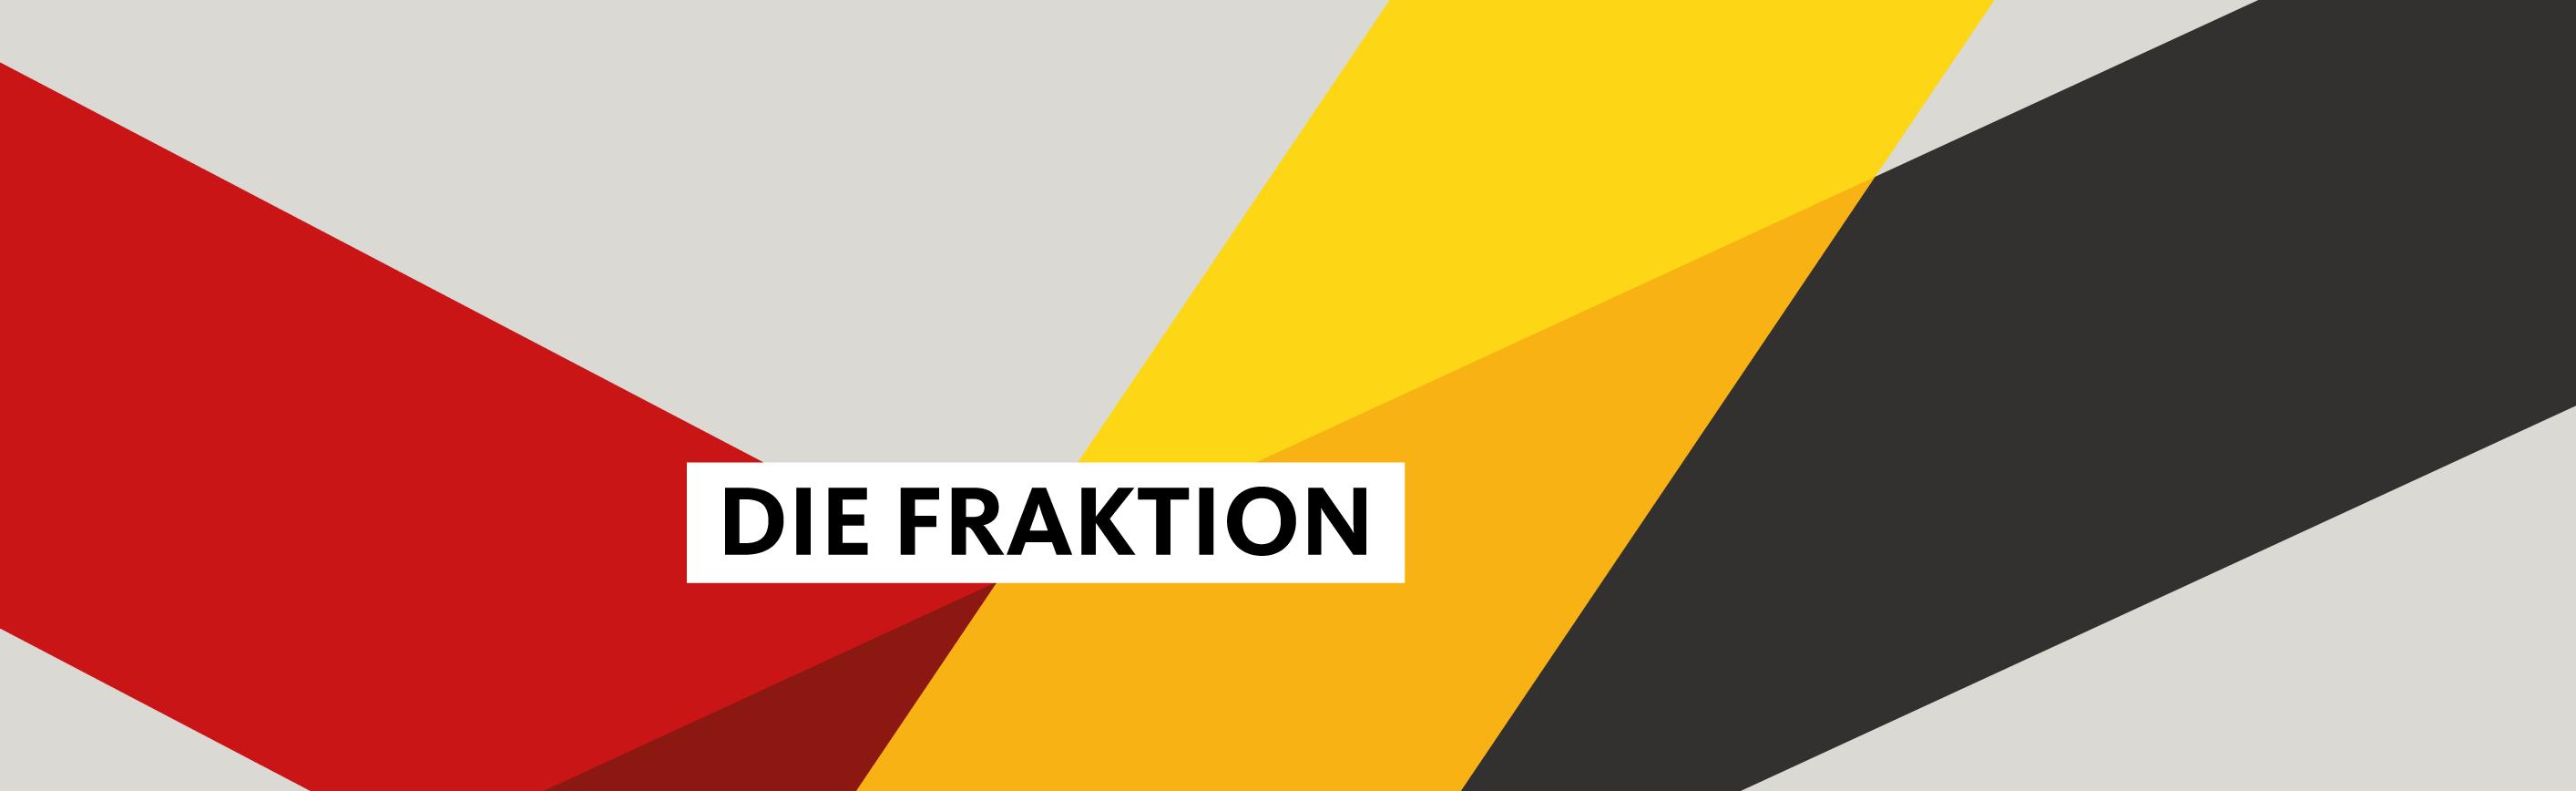 CDU Fraktion Willich